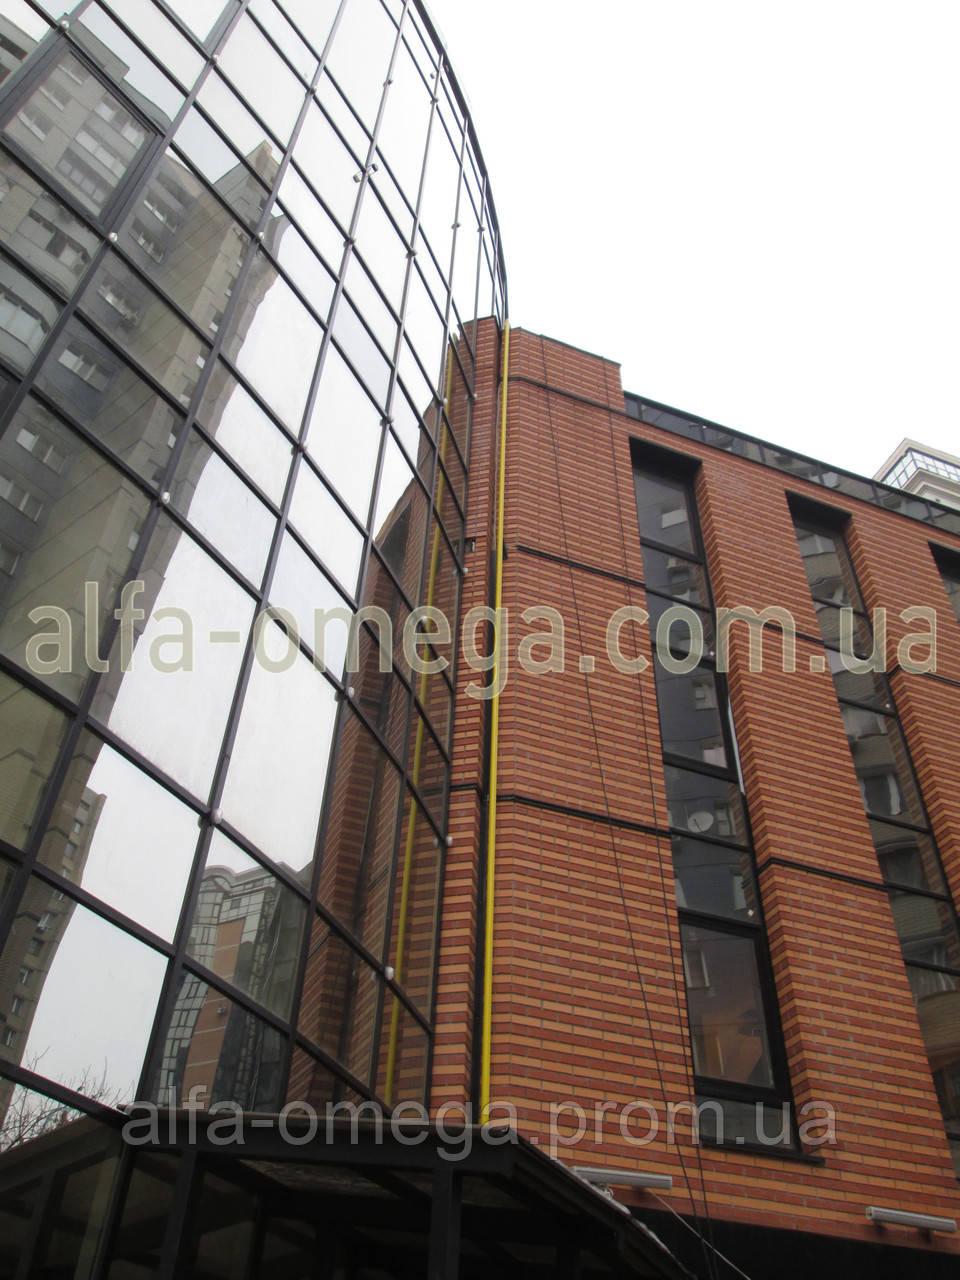 Заземление офисного центра - ООО «ГК«Альфа и Омега» - Системы молниезащиты, заземления и кабельного обогрева в Киеве